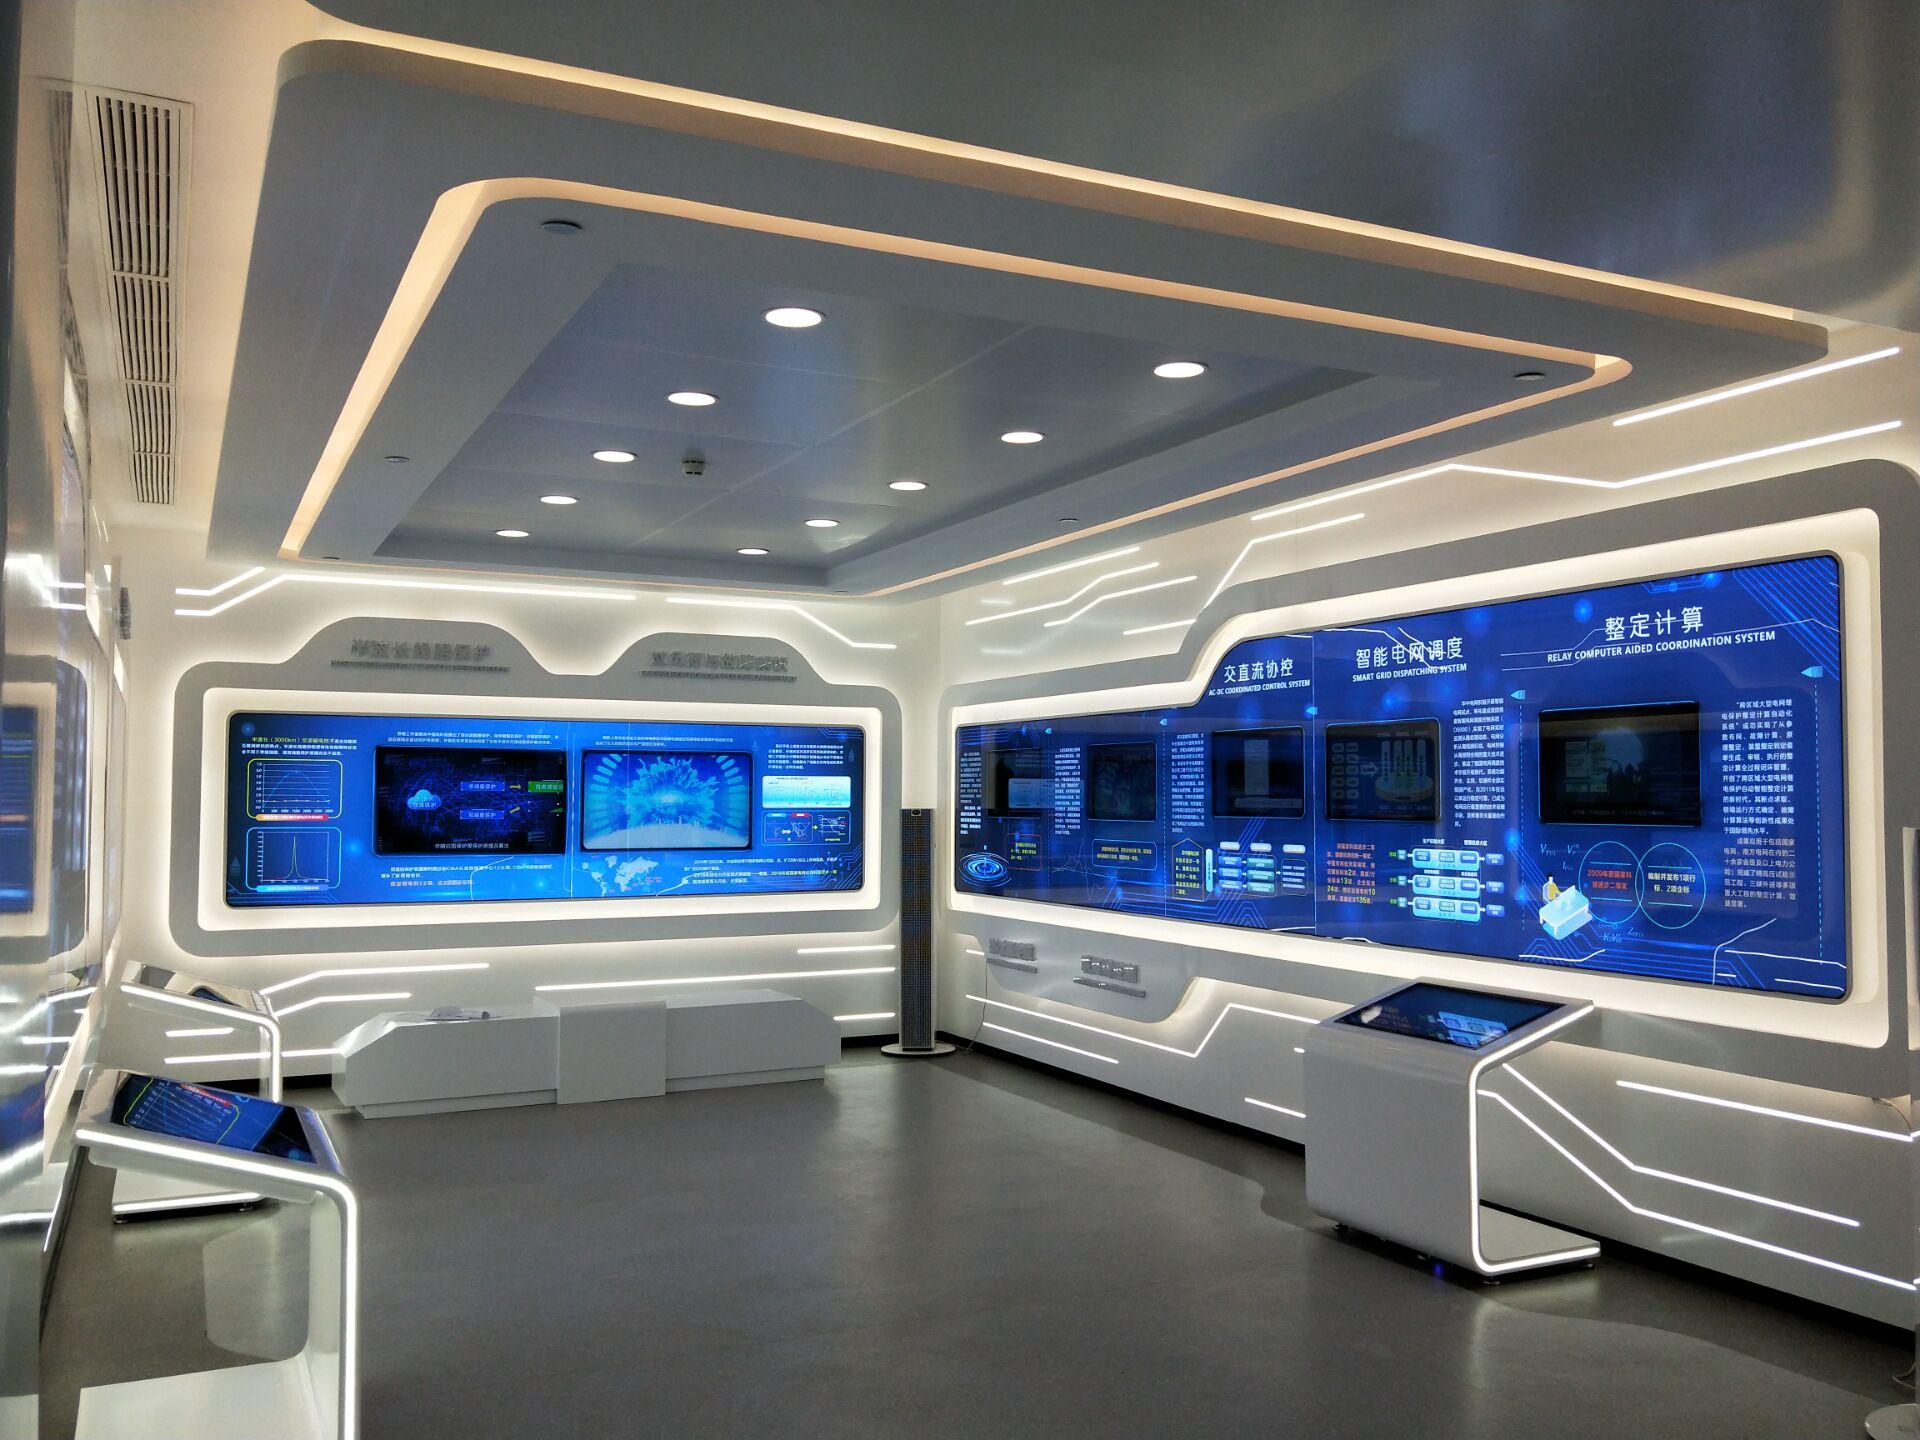 南方电网展览厅DALI照明系统集成项目